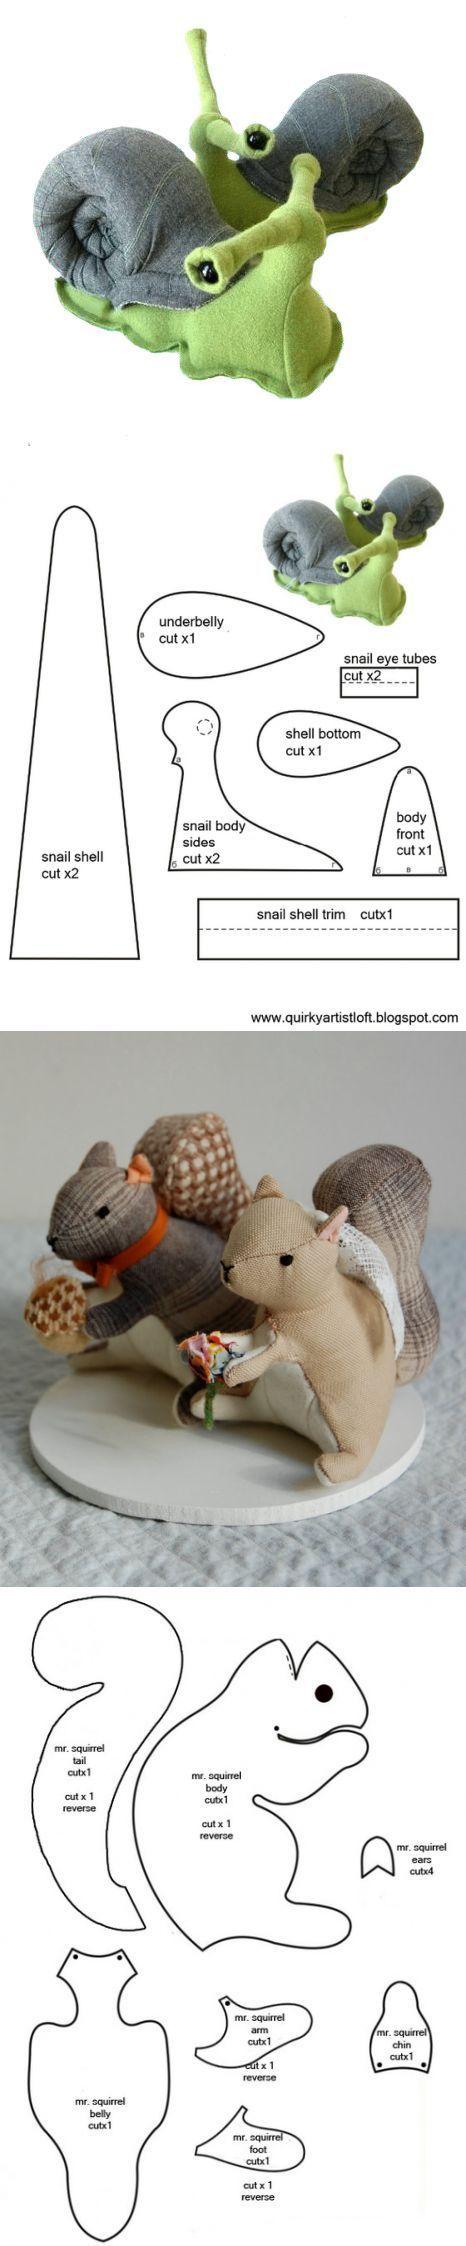 caracol e esquilos: